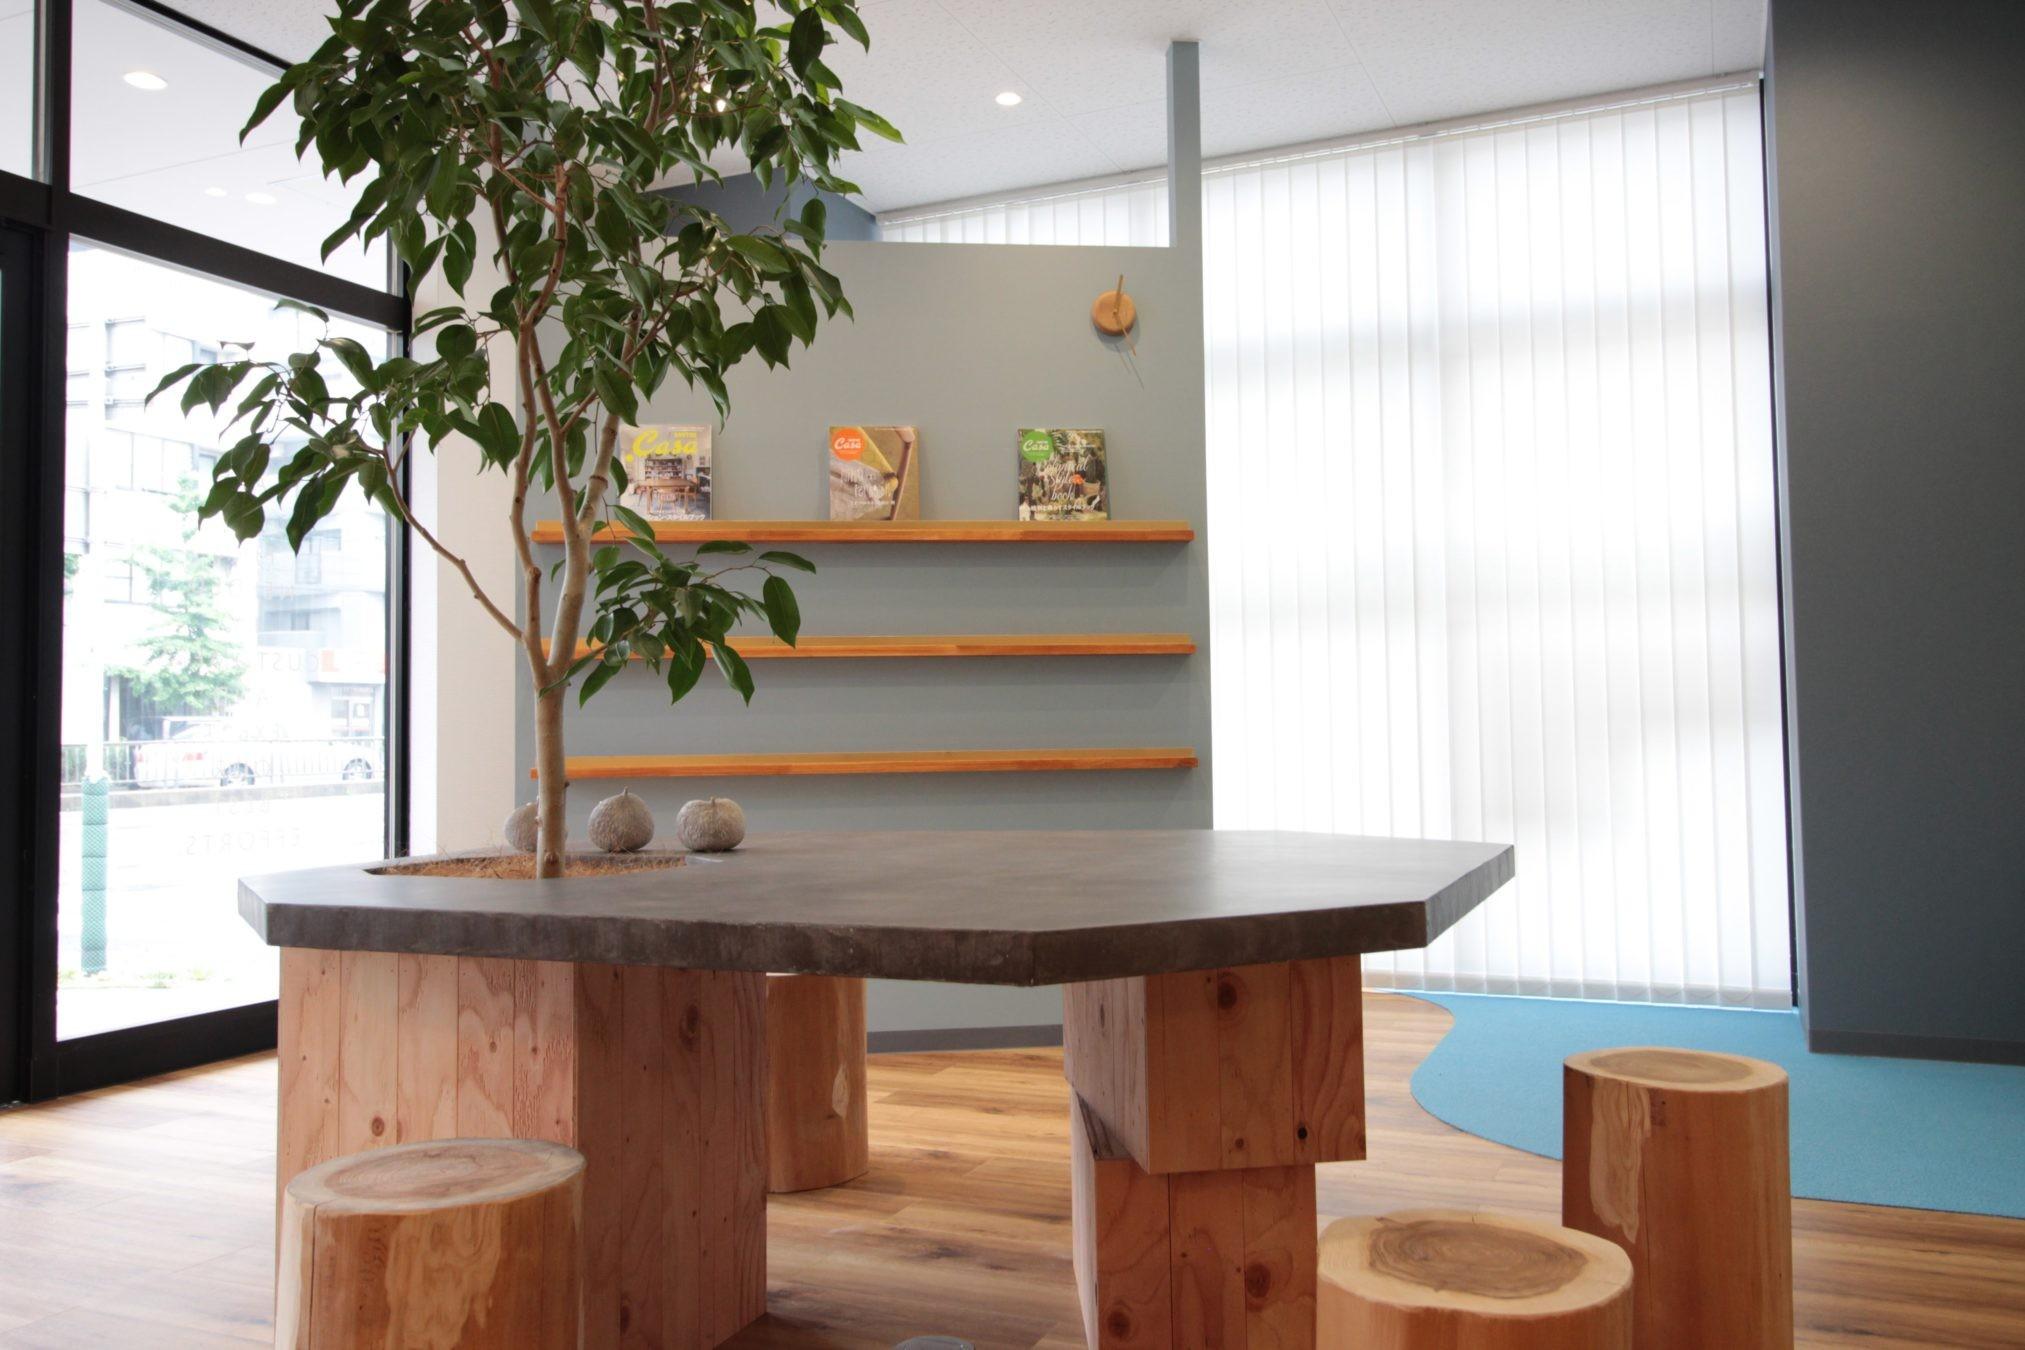 その他事例:オリジナルテーブル(名古屋市西区オフィス)